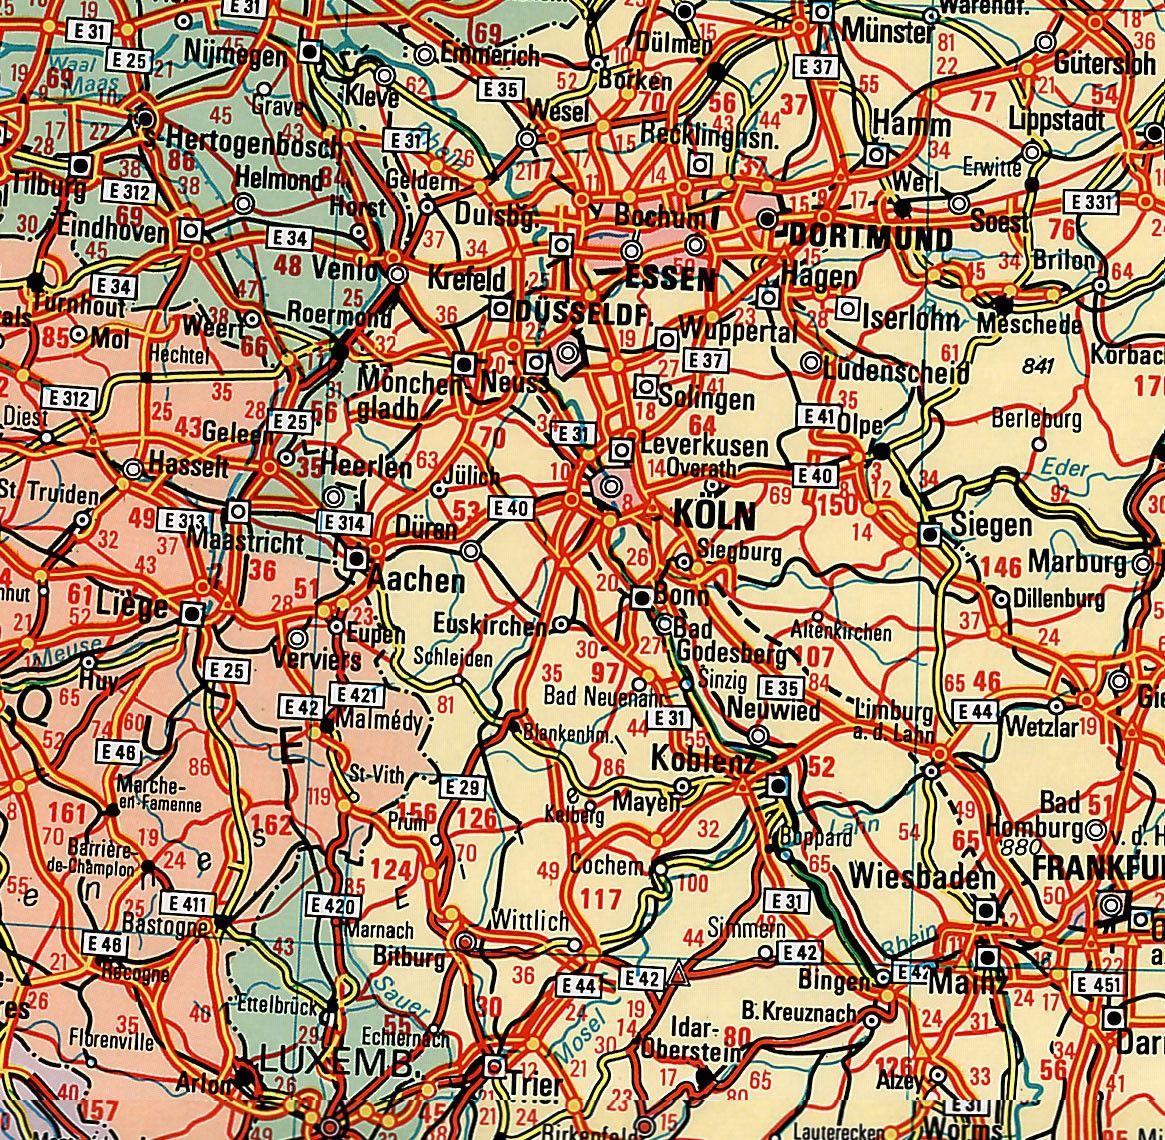 Europakaart D